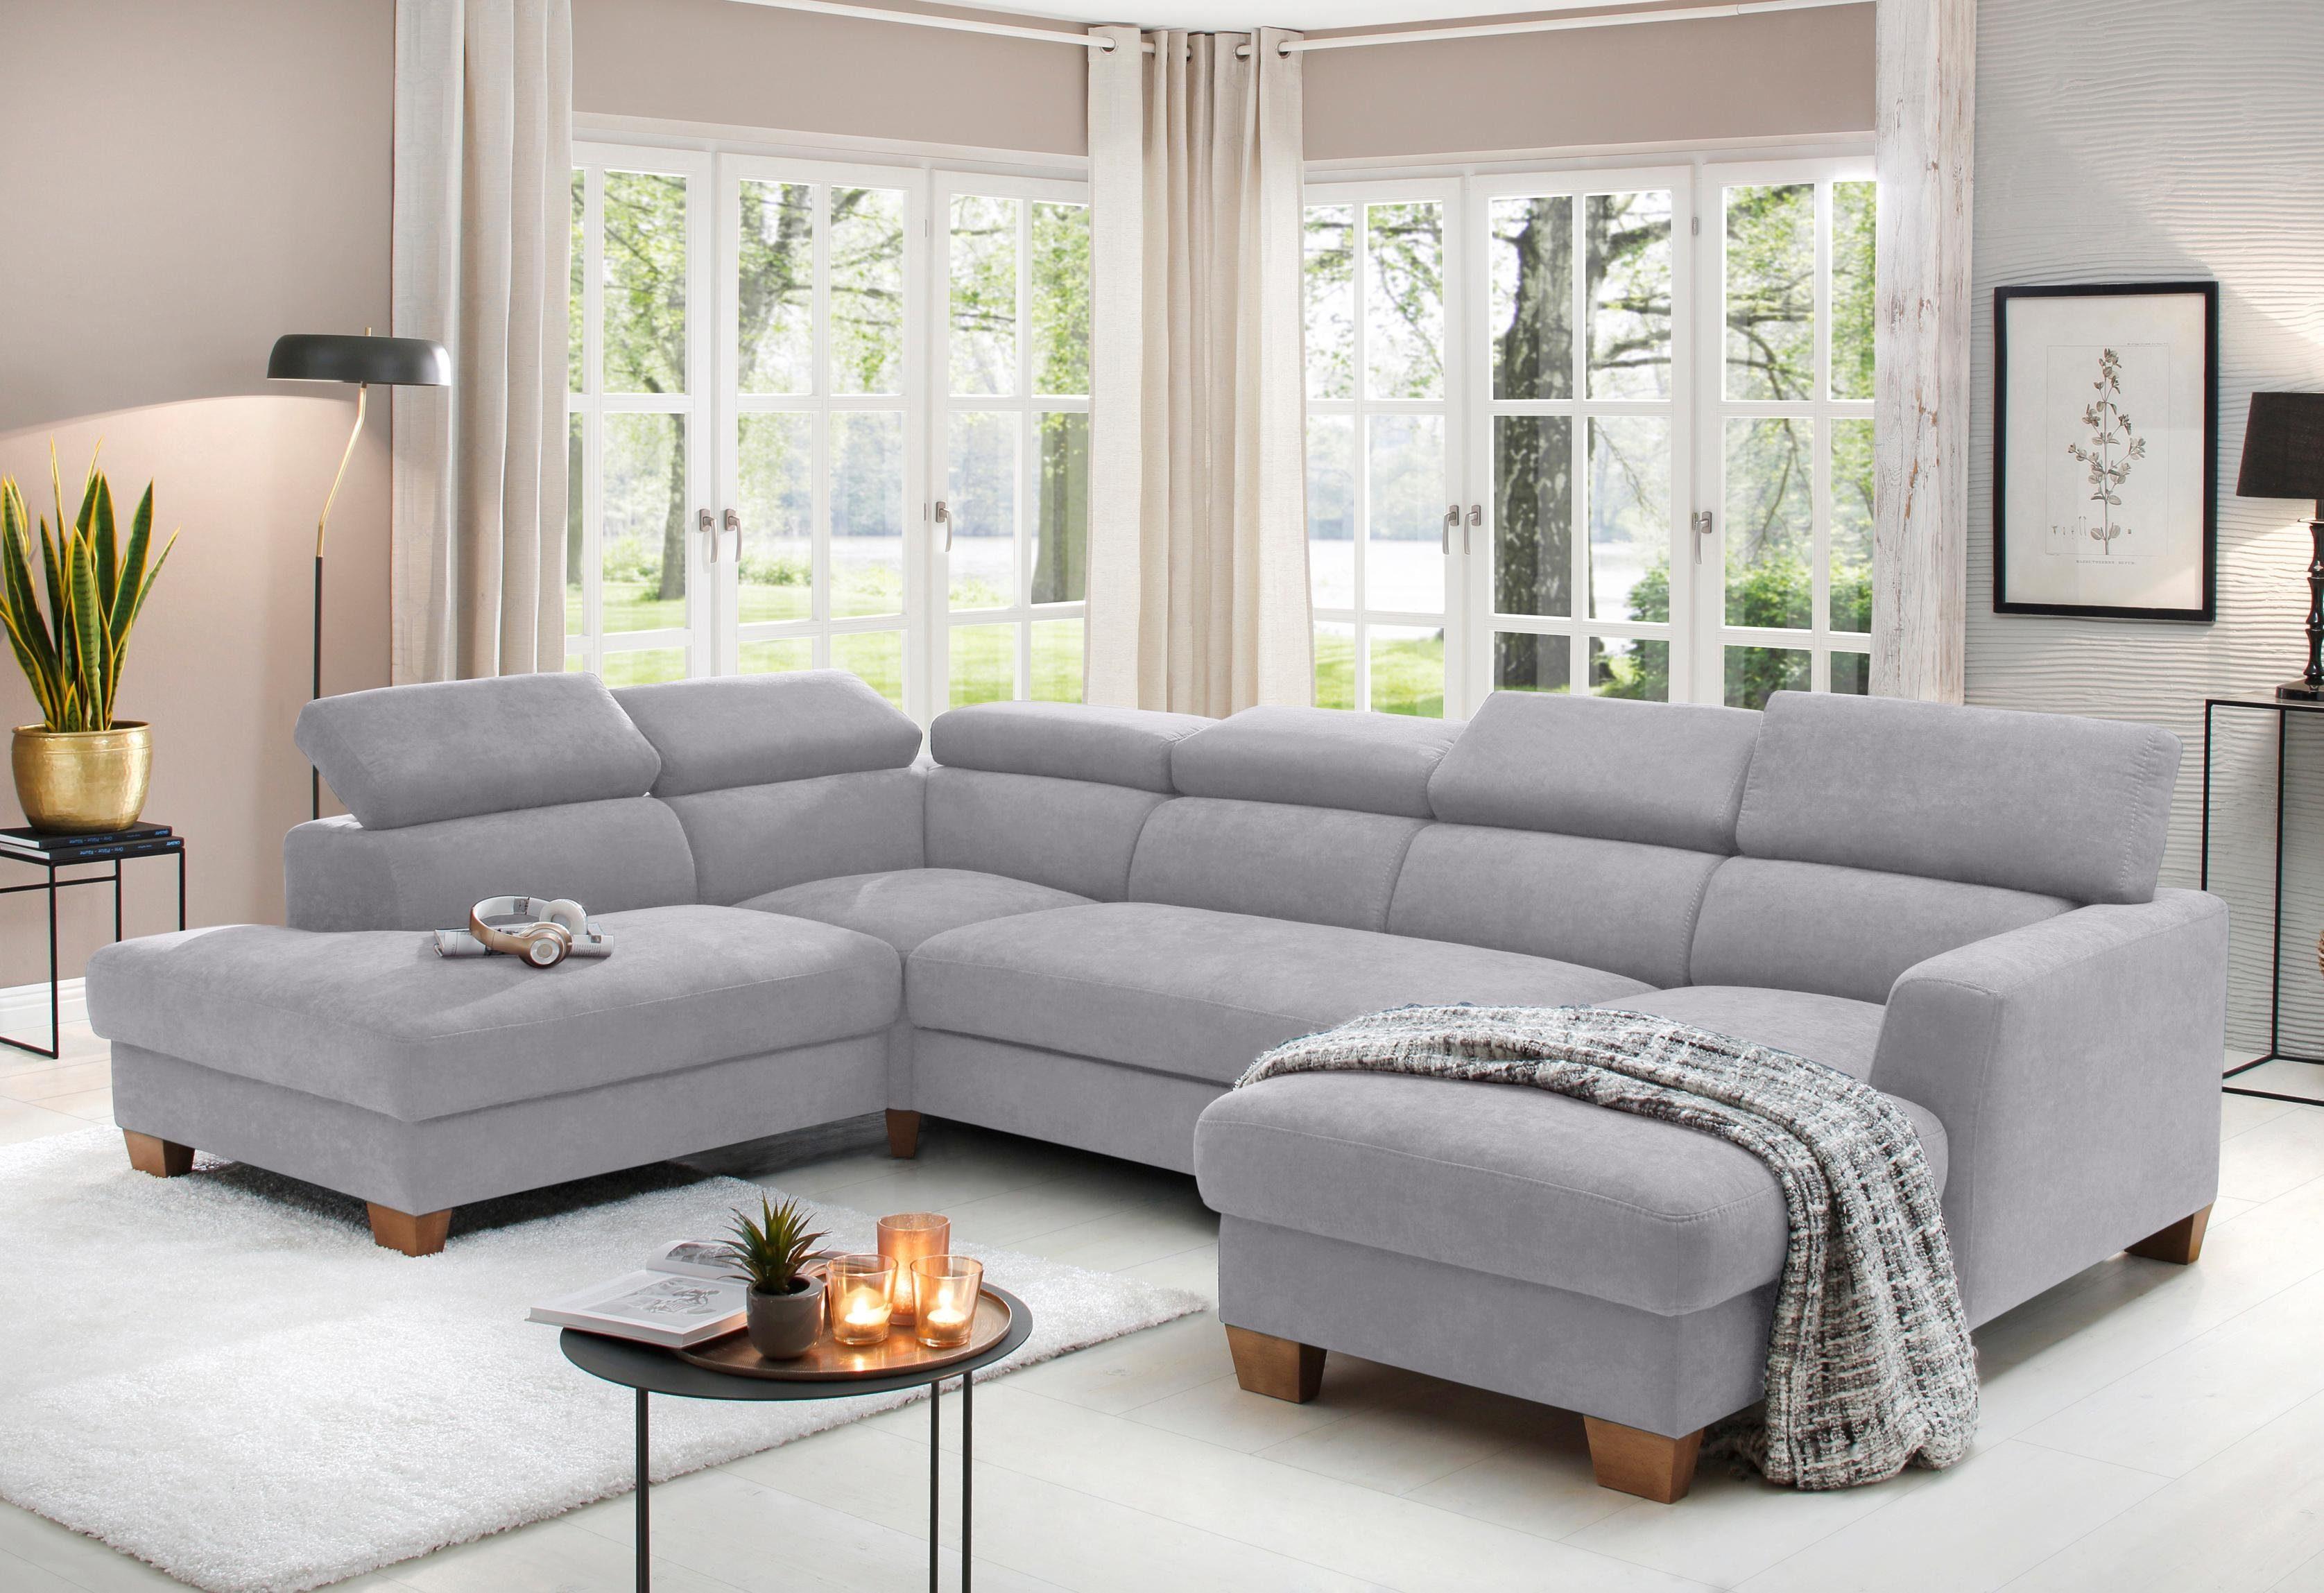 Home affaire Wohnlandschaft »Steve Luxus«, mit besonders hochwertiger Polsterung für bis zu 140 kg pro Sitzfläche online kaufen   OTTO